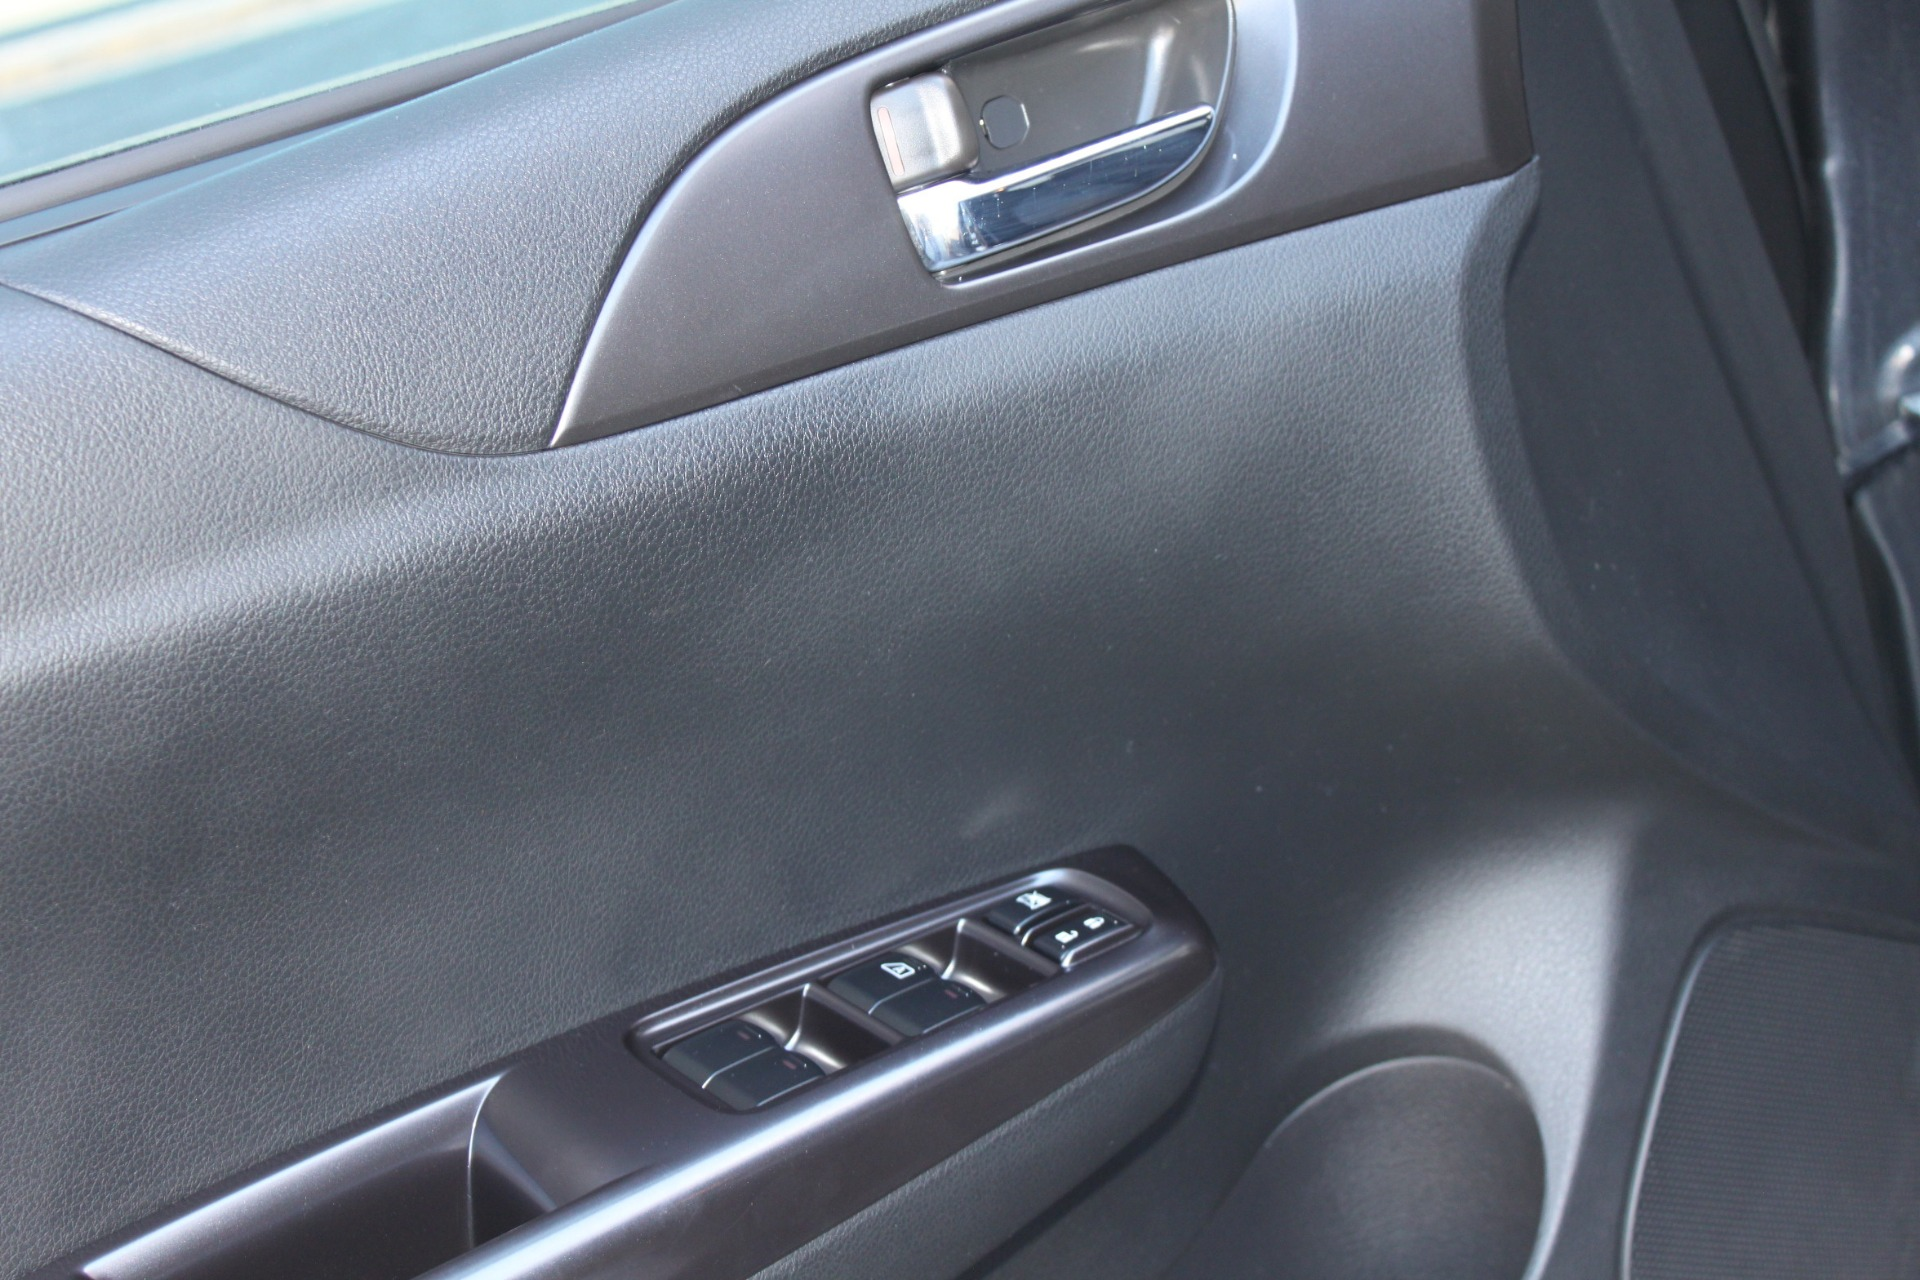 Used-2011-Subaru-Impreza-Sedan-WRX-STI-Porsche